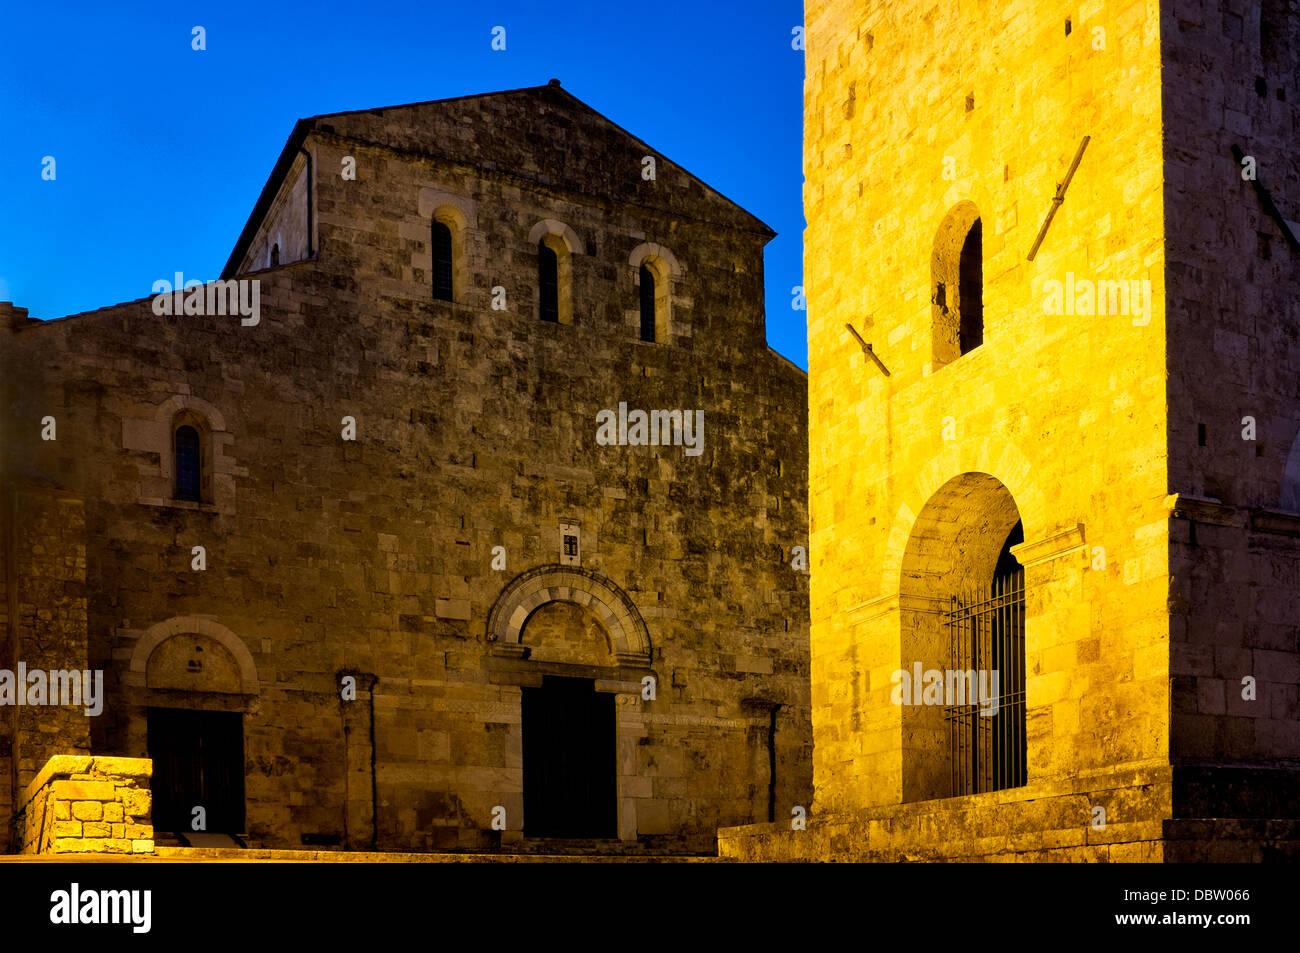 Fachada de la Catedral de Santa María, de Anagni, Italia Imagen De Stock